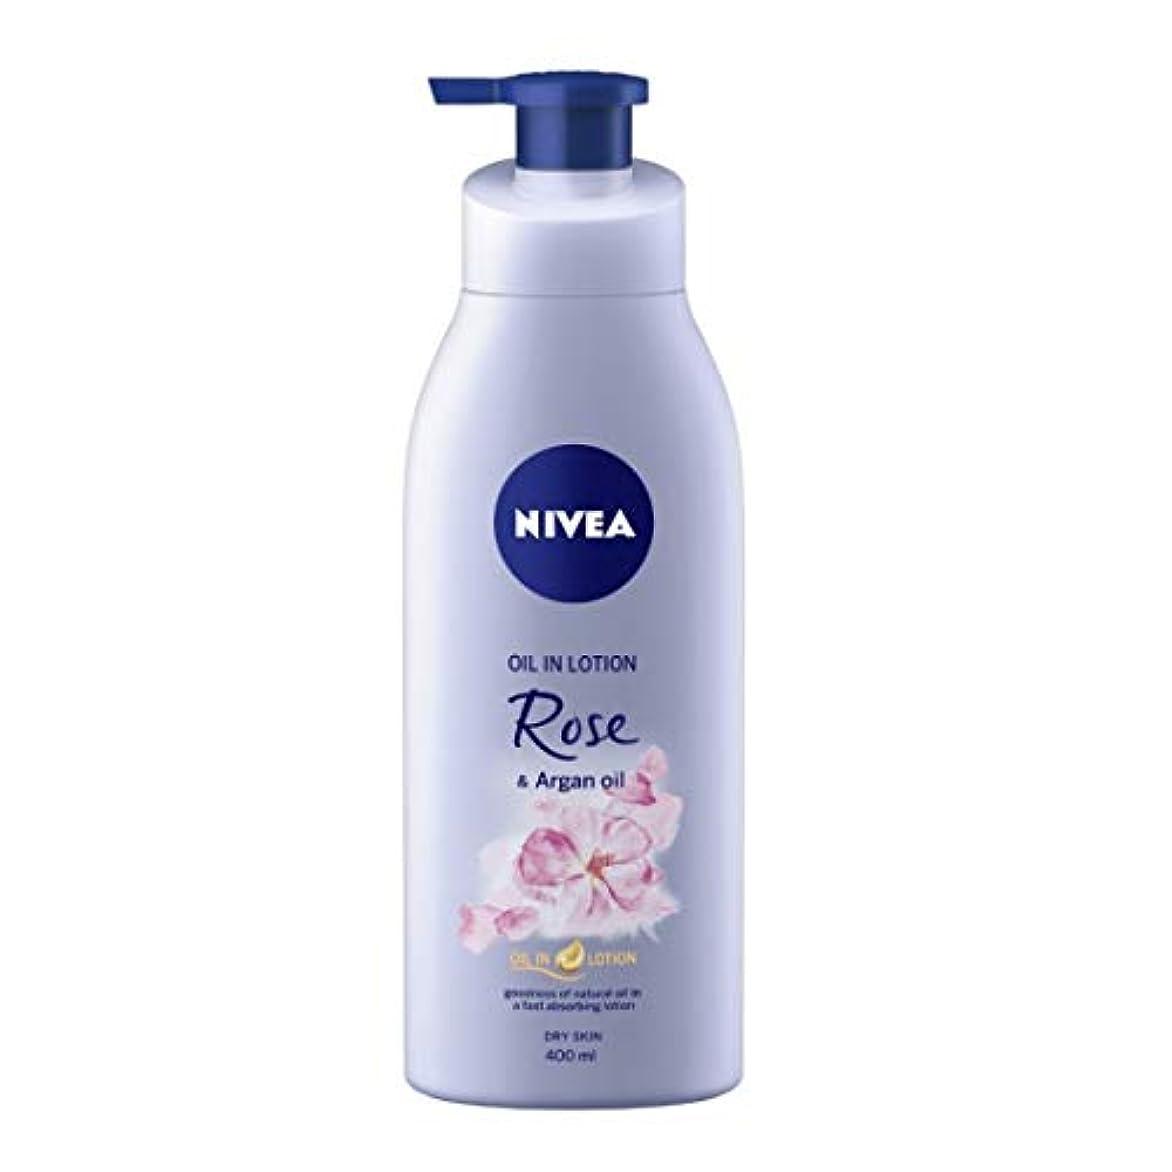 シャンプー初心者首相NIVEA Oil in Lotion, Rose and Argan Oil, 400ml